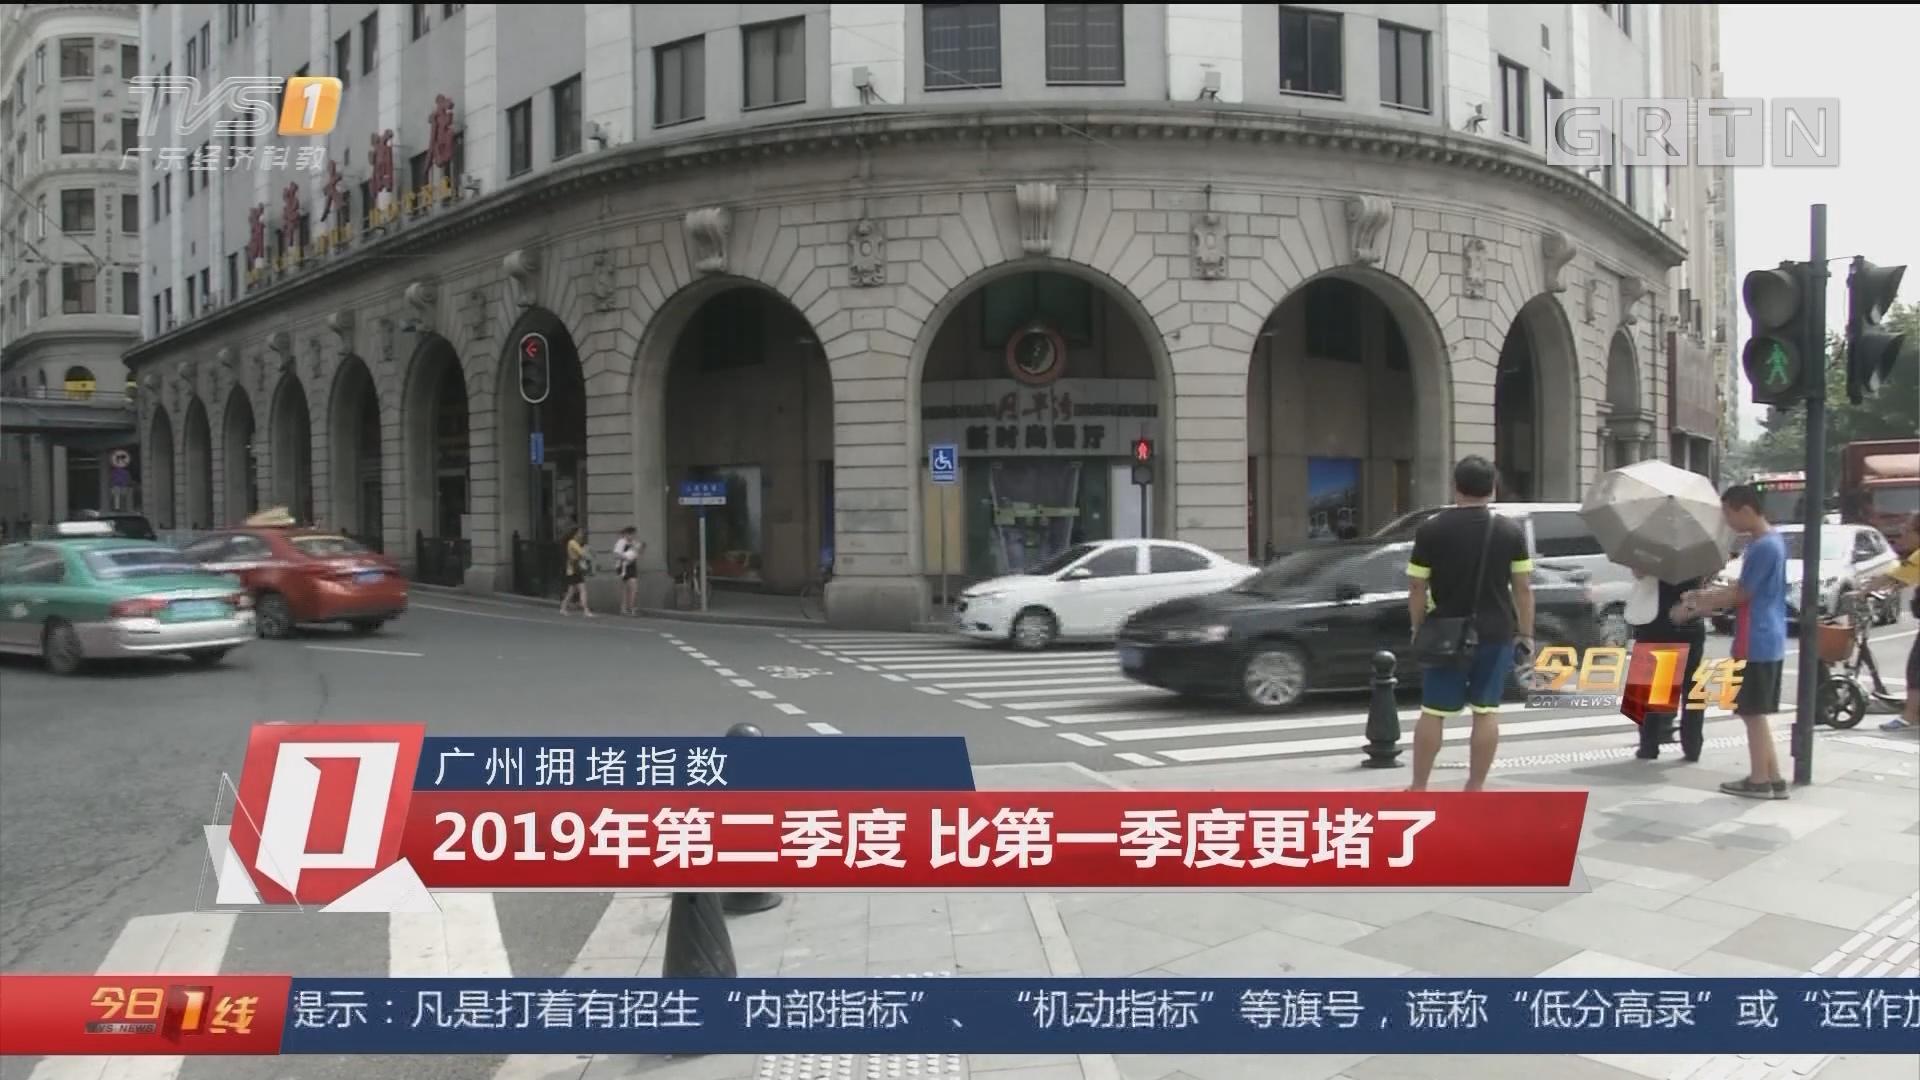 广州拥堵指数:2019年第二季度 比第一季度更堵了